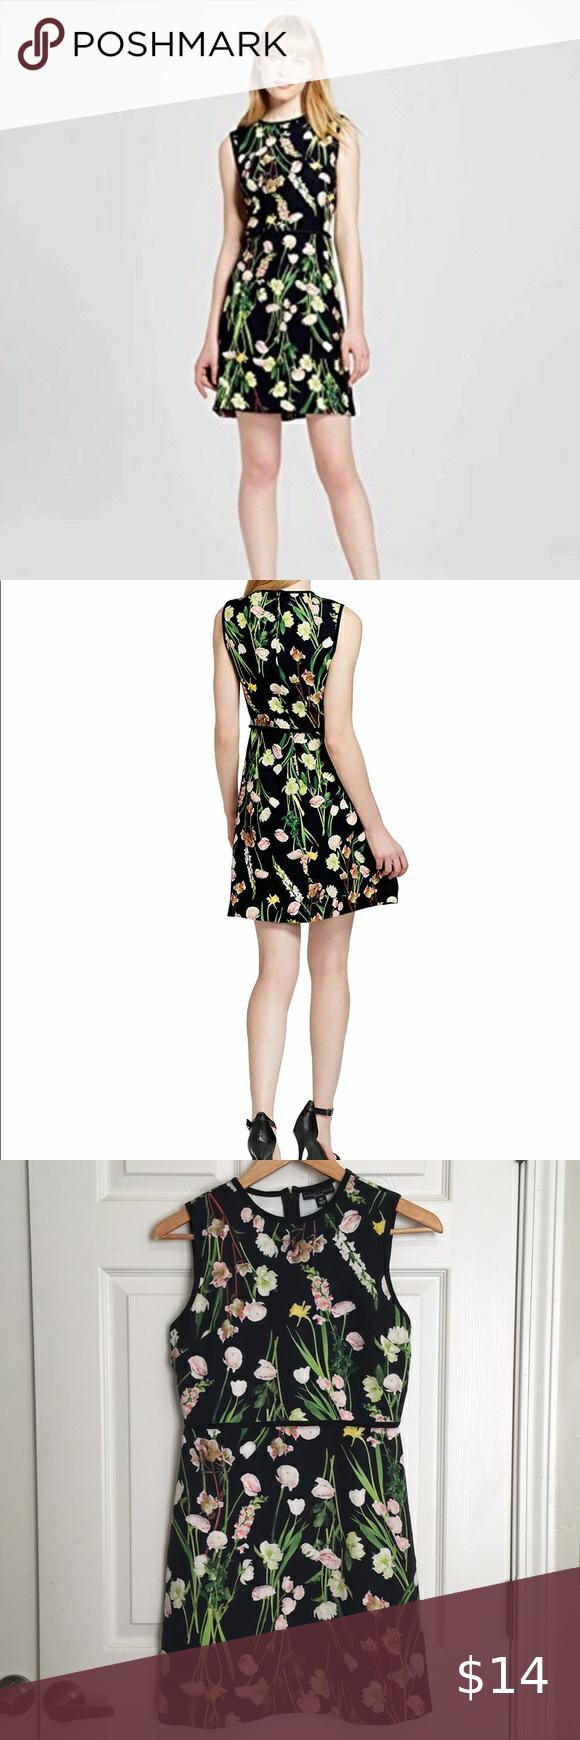 Victoria Beckham Black Floral Dress In 2020 Floral Dress Black Victoria Dress Victoria Beckham Dress [ 1740 x 580 Pixel ]